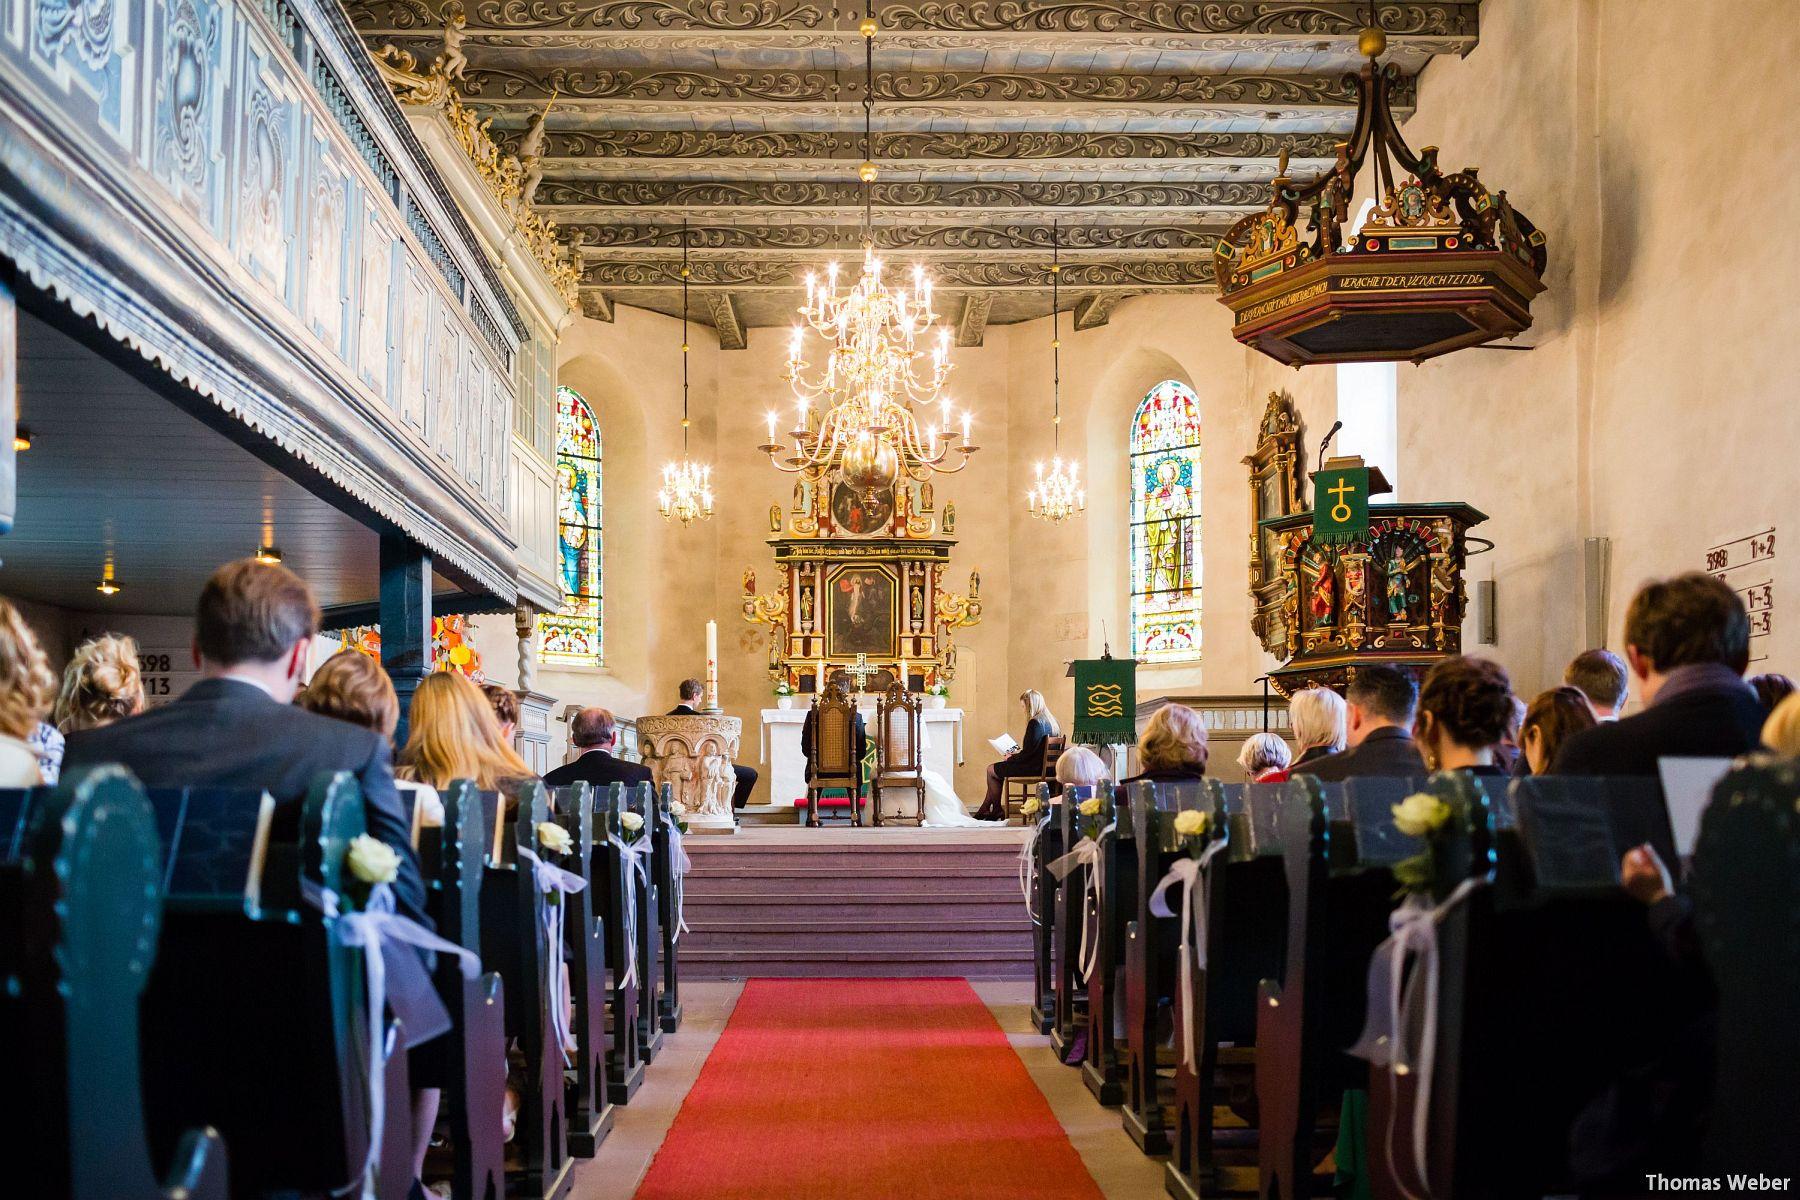 Hochzeitsfotograf Rastede: Kirchliche Trauung in der St. Ulrichs Kirche Rastede und Hochzeitsfeier in der Eventscheune St Georg Rastede mit dem Catering von Michael Niebuhr aus Oldenburg (22)